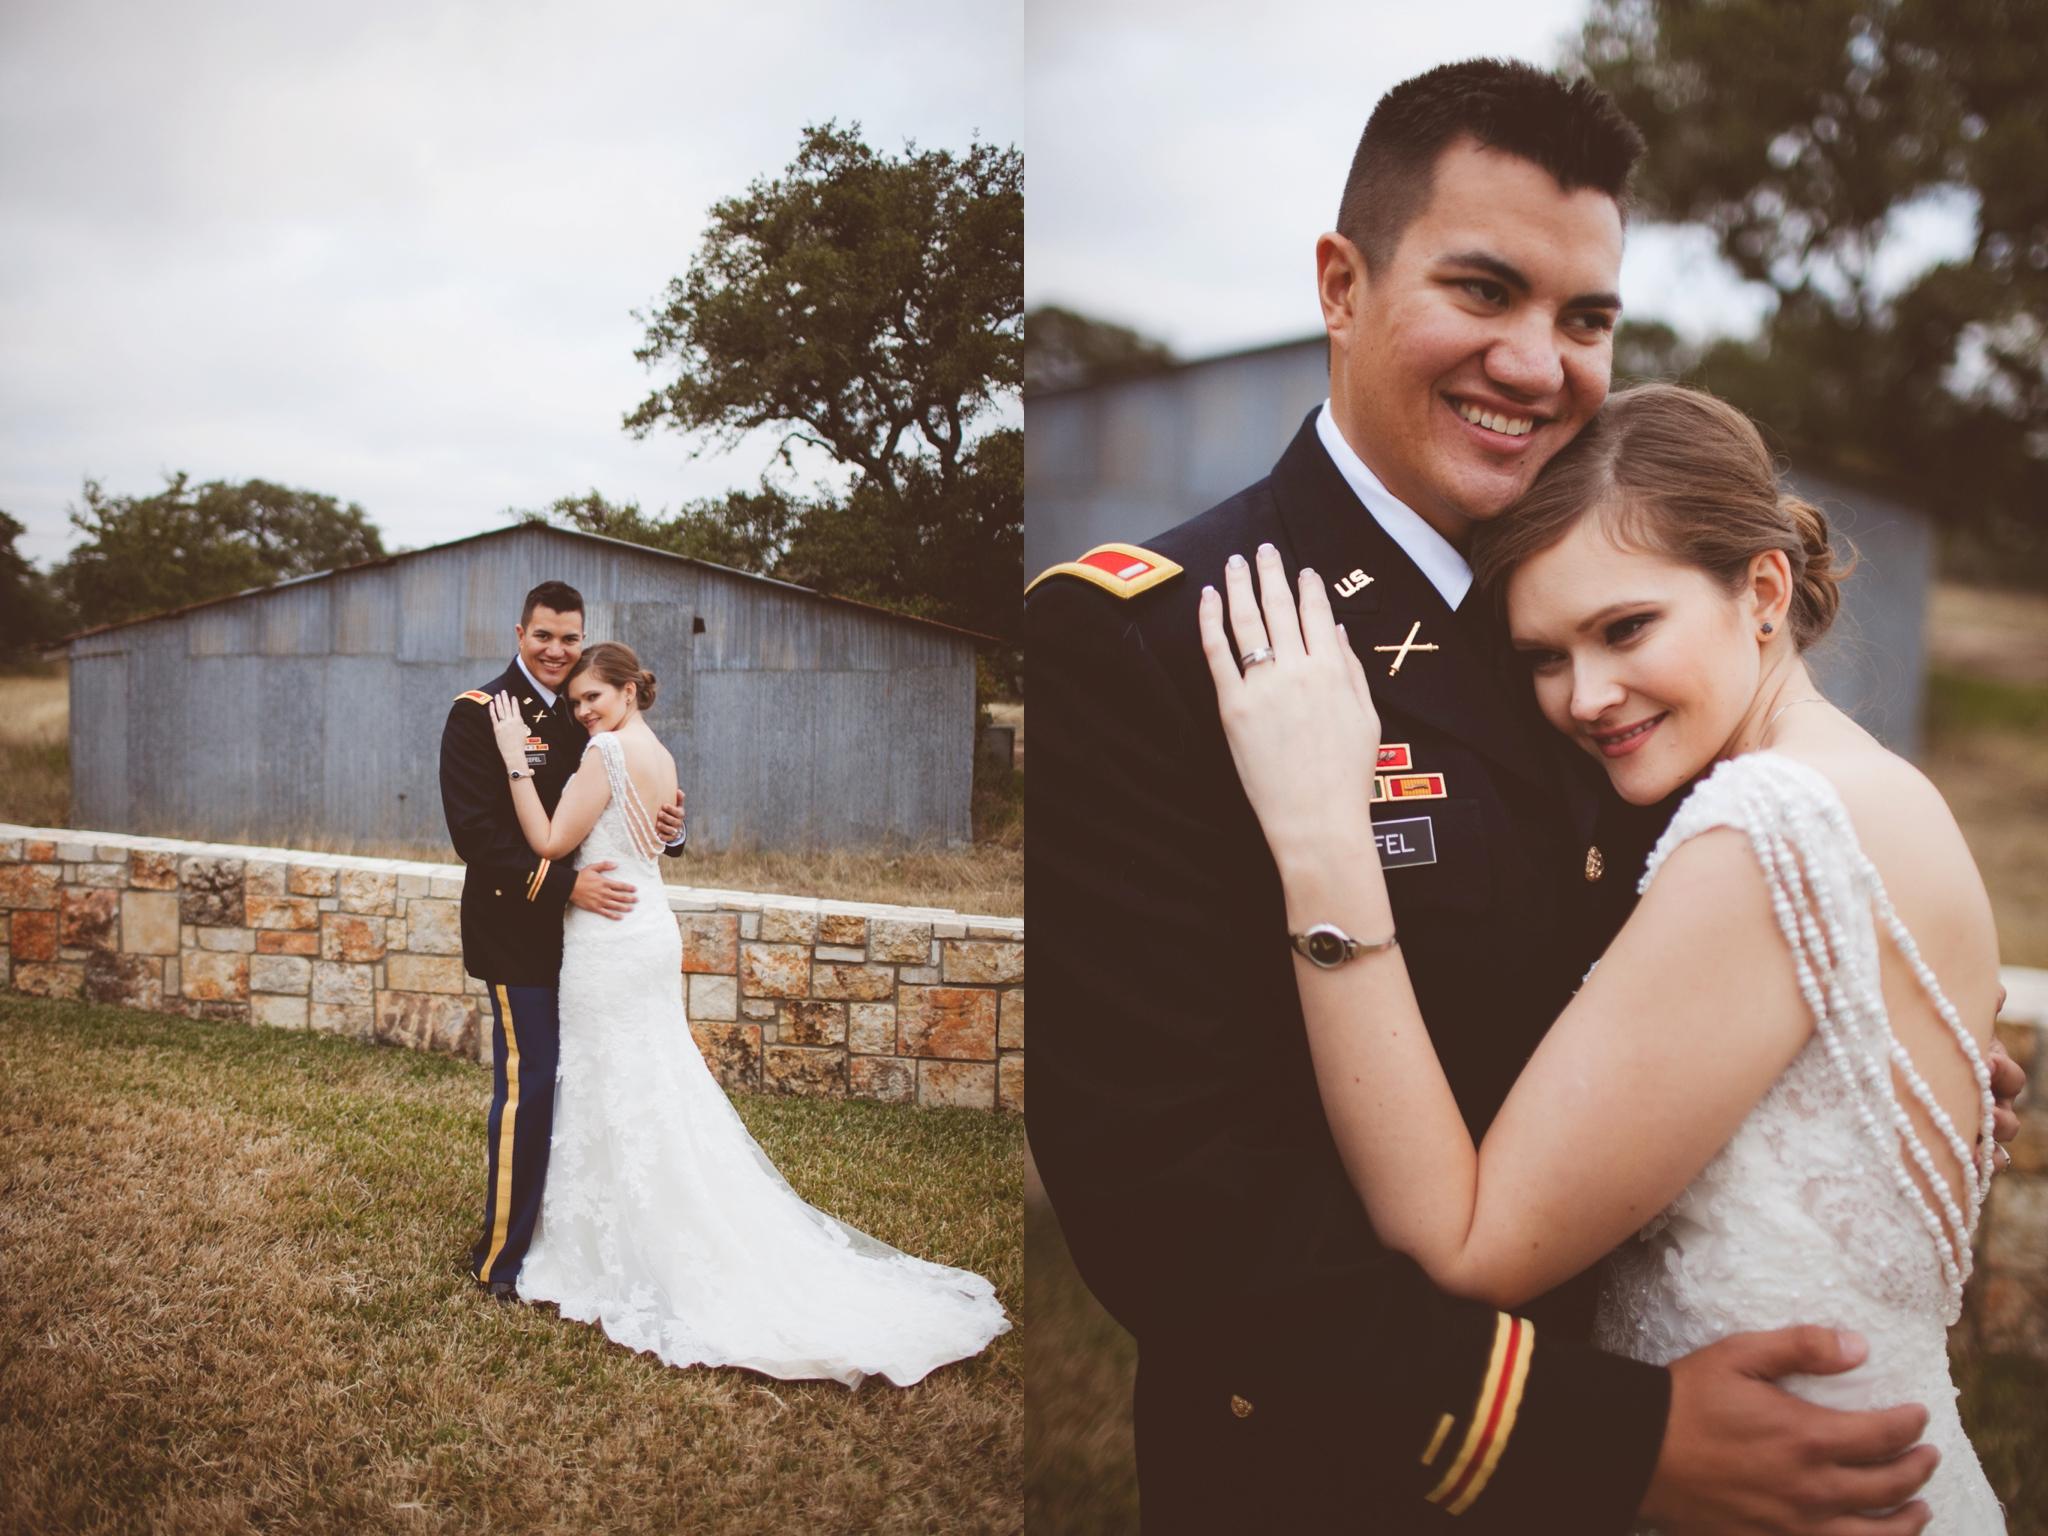 Salt-Lick-Austin-Wedding-Photographer-056.jpg